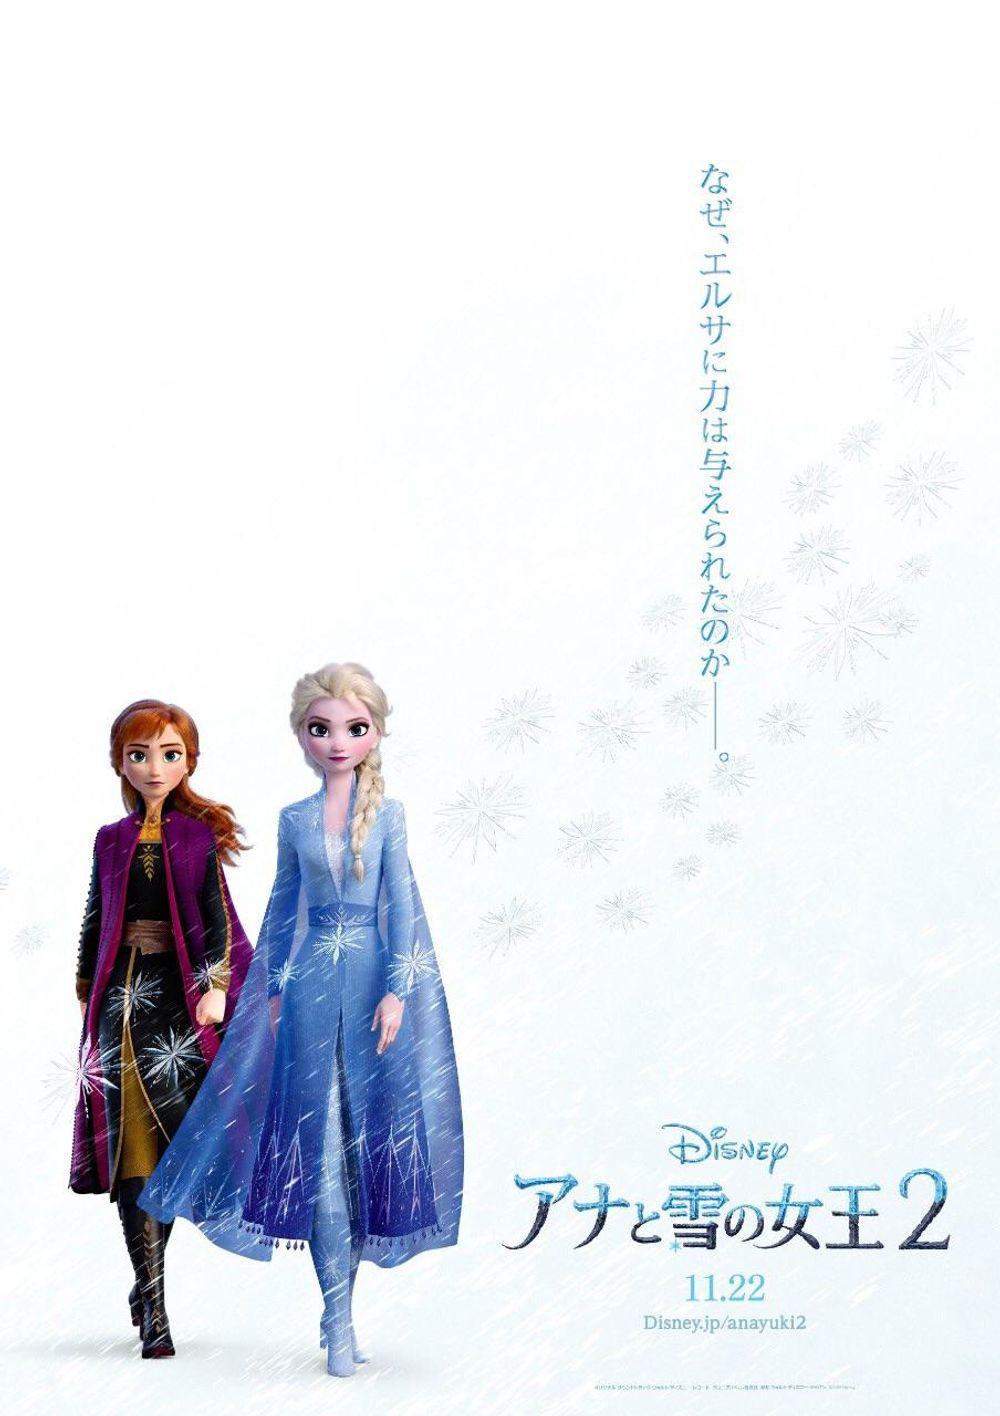 1-Frozen 2